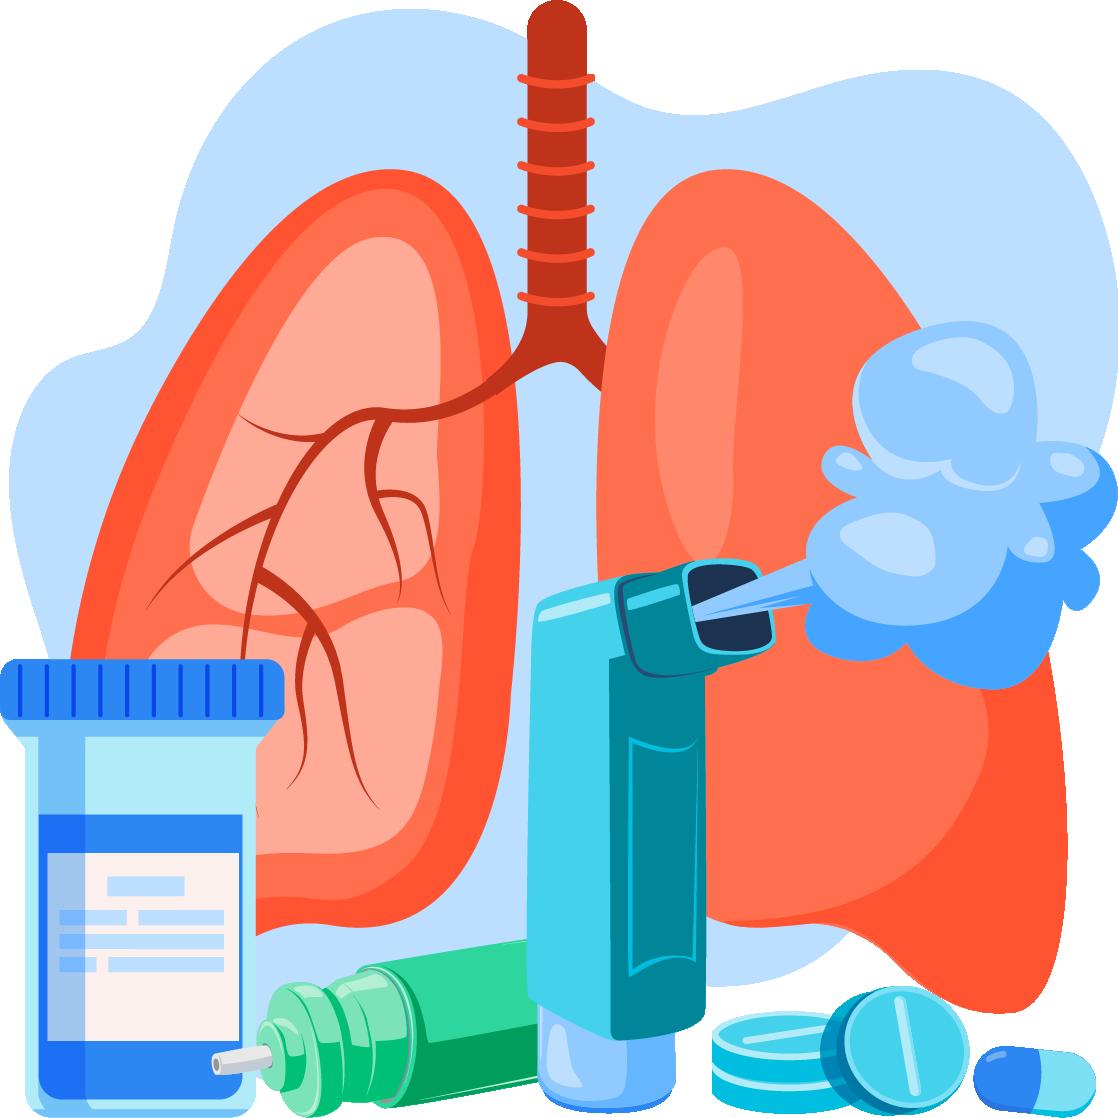 呼吸不順、呼吸困難擔心是氣喘?馬上評估你的氣喘風險